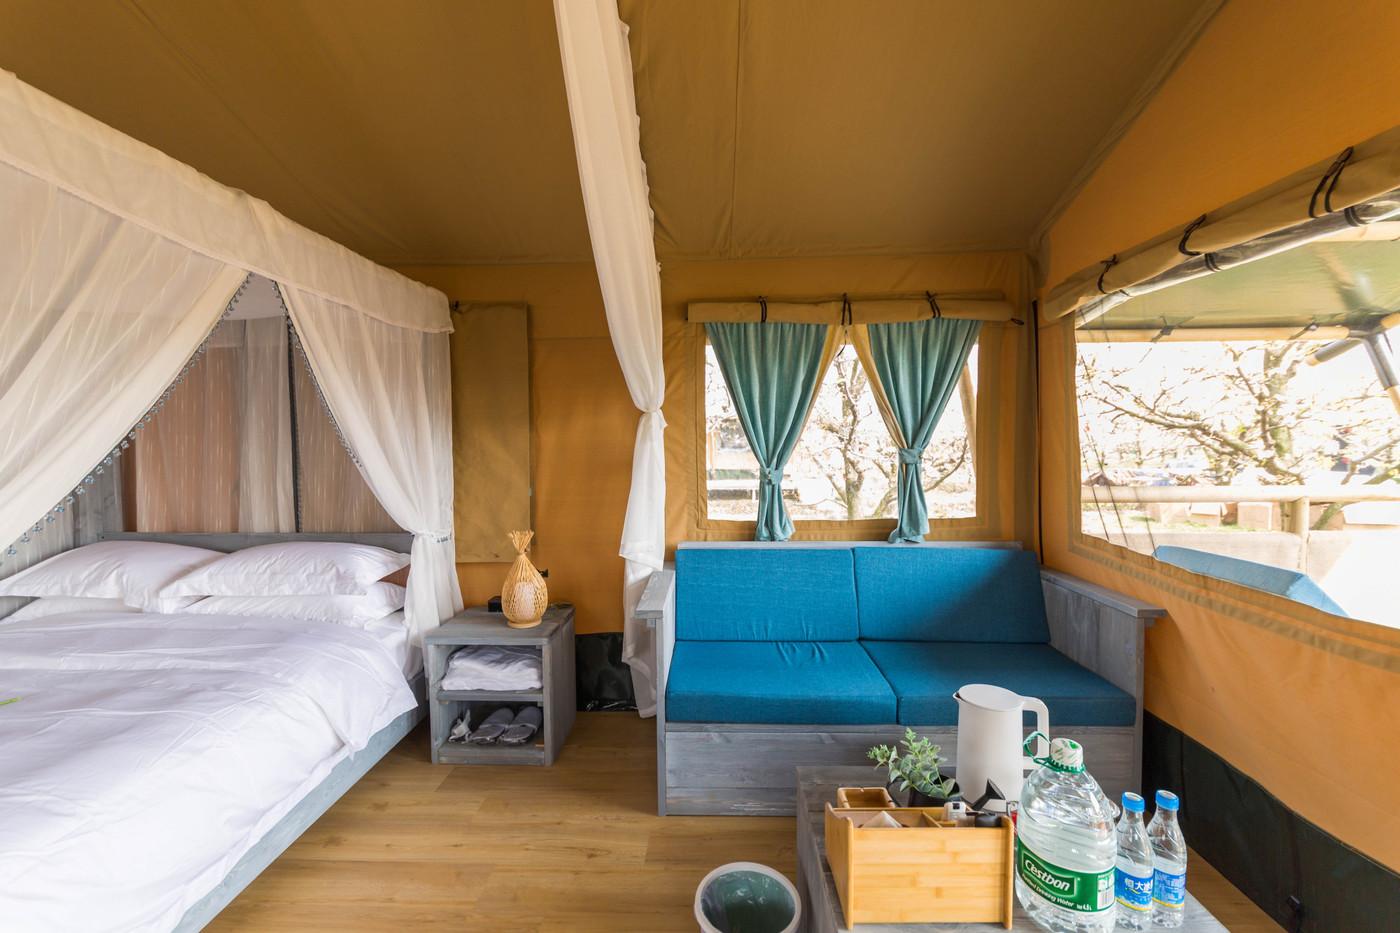 喜马拉雅野奢帐篷酒店—安徽砀山东篱蓬芦梨园帐篷酒店18